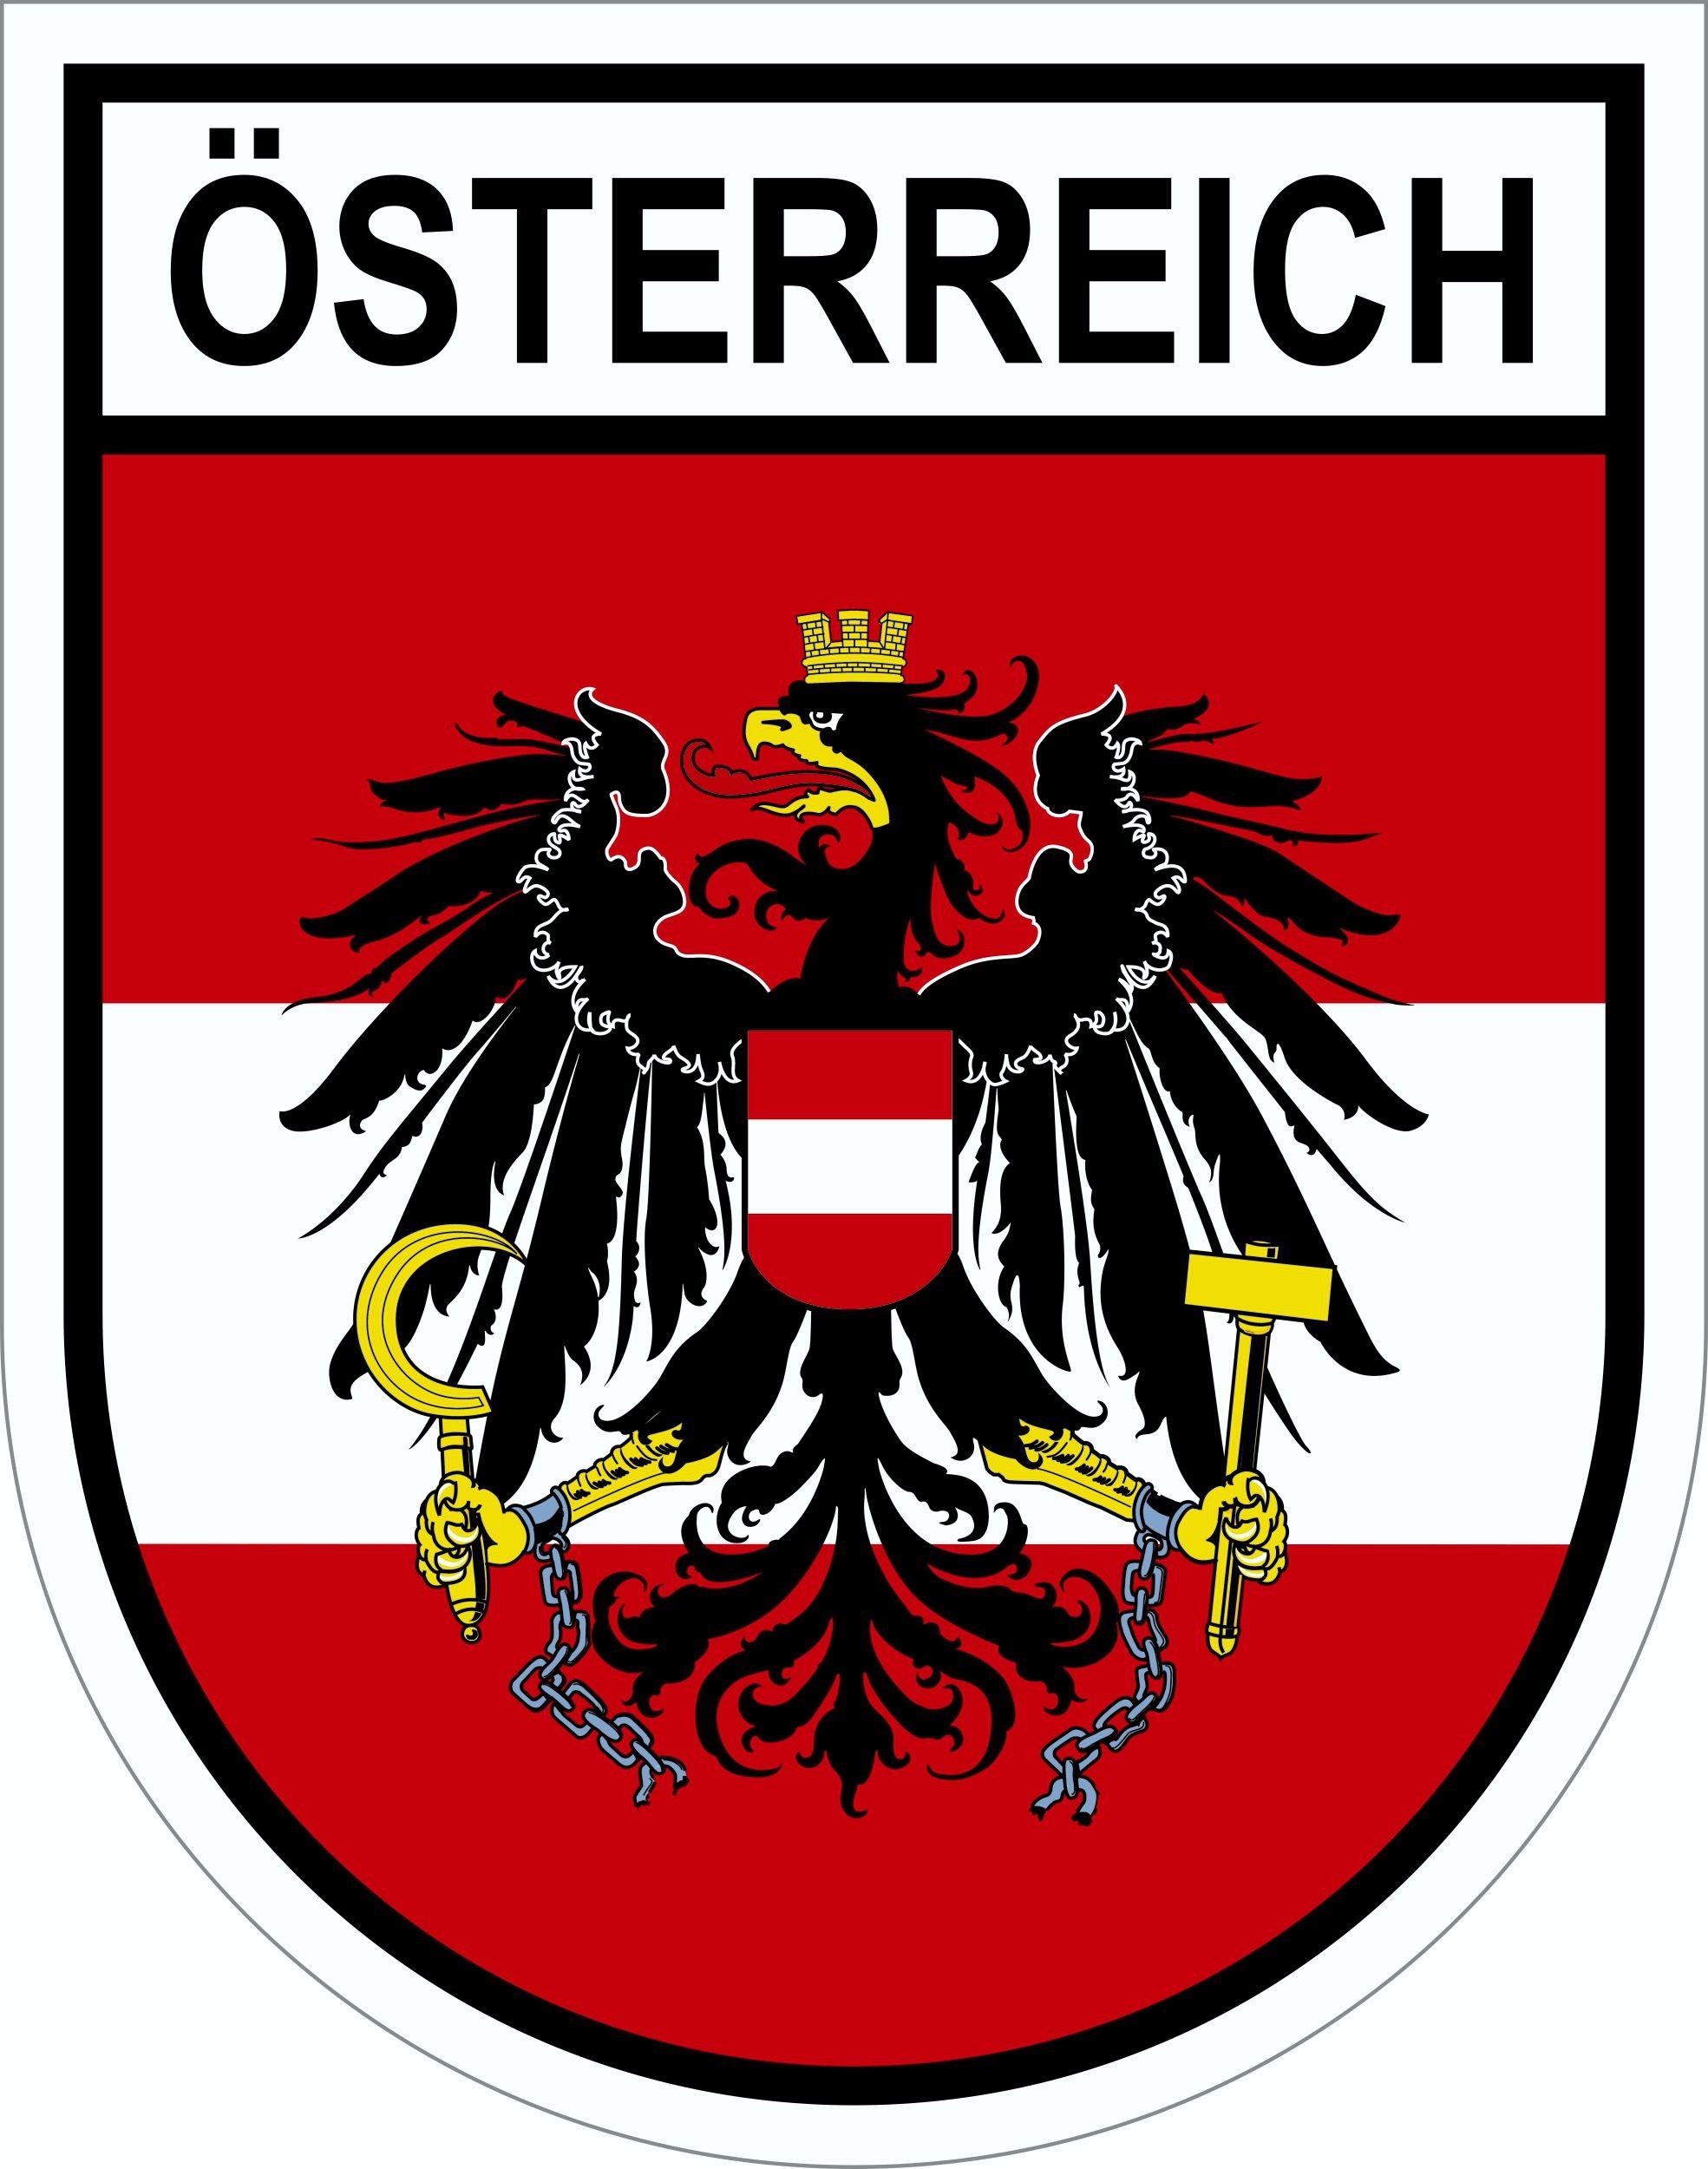 Aufkleber Wappen Österreich 120 x 90 mm